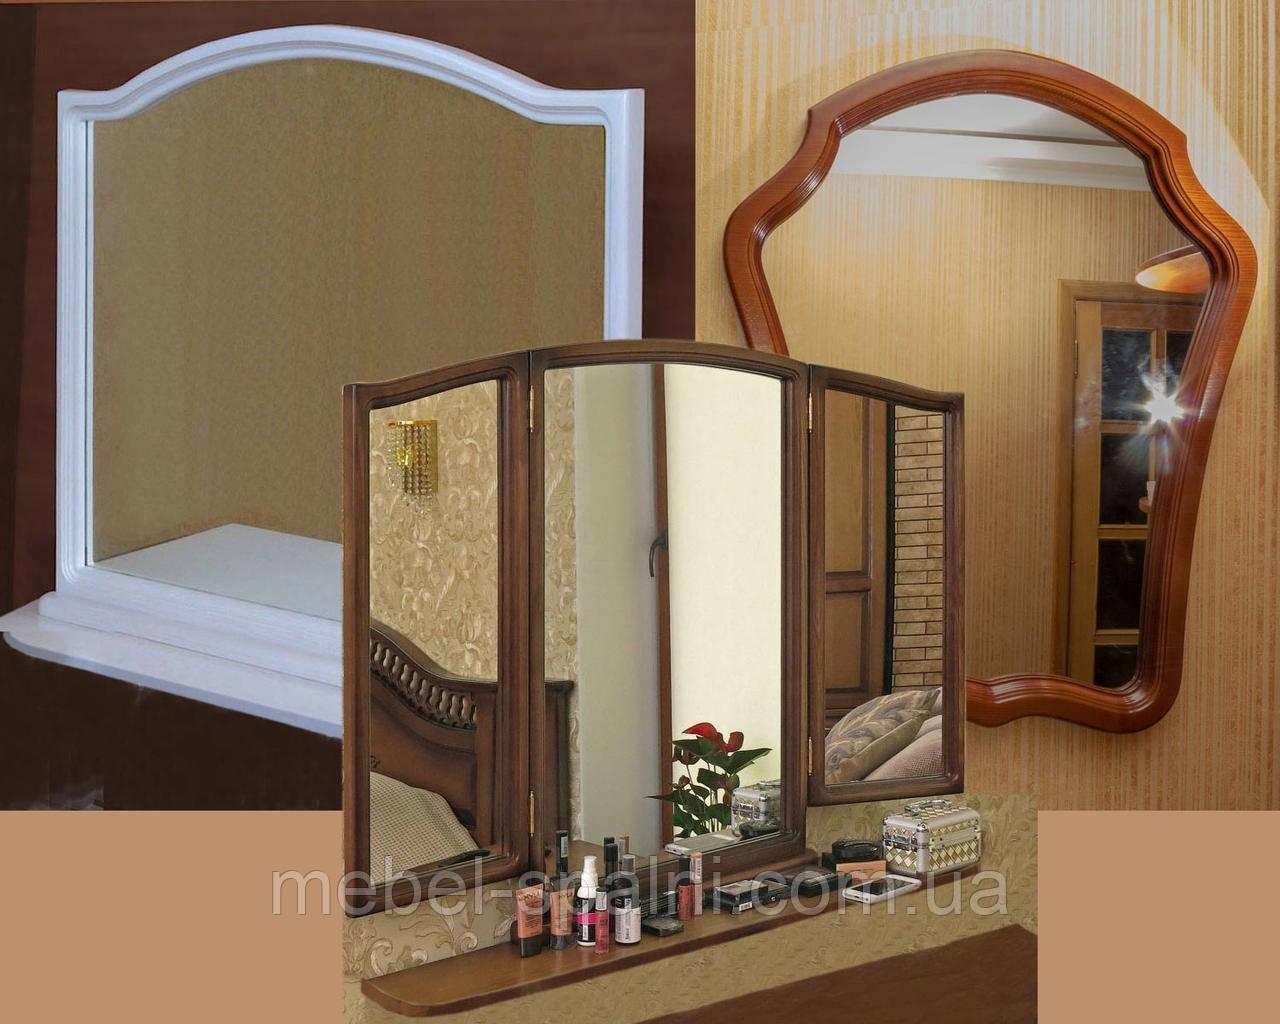 Зеркало в раме настенное в прихожую, спальню из ясеня